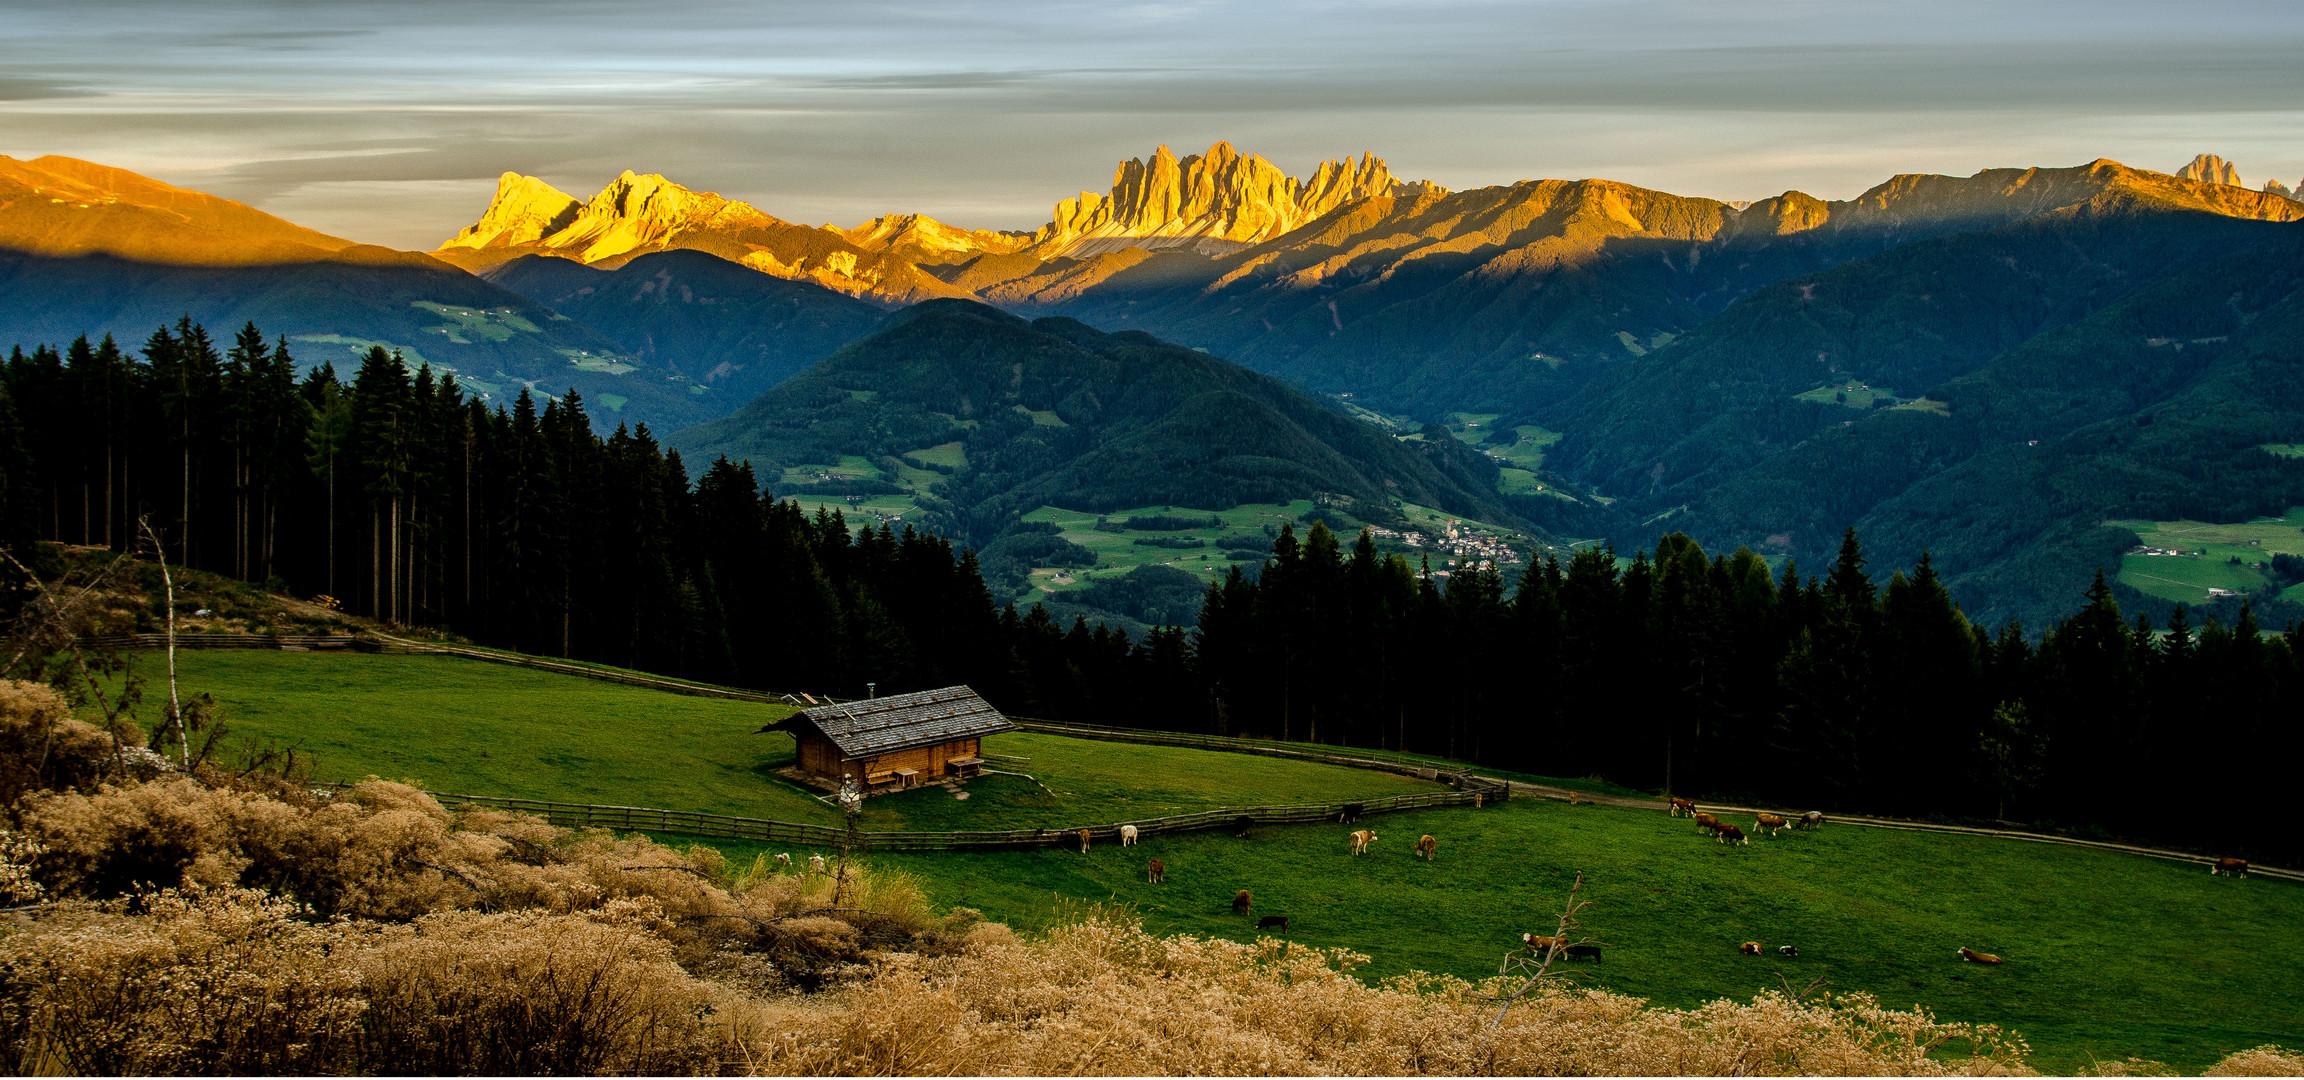 die Ecksteine der Dolomiten im letzen Abendlich